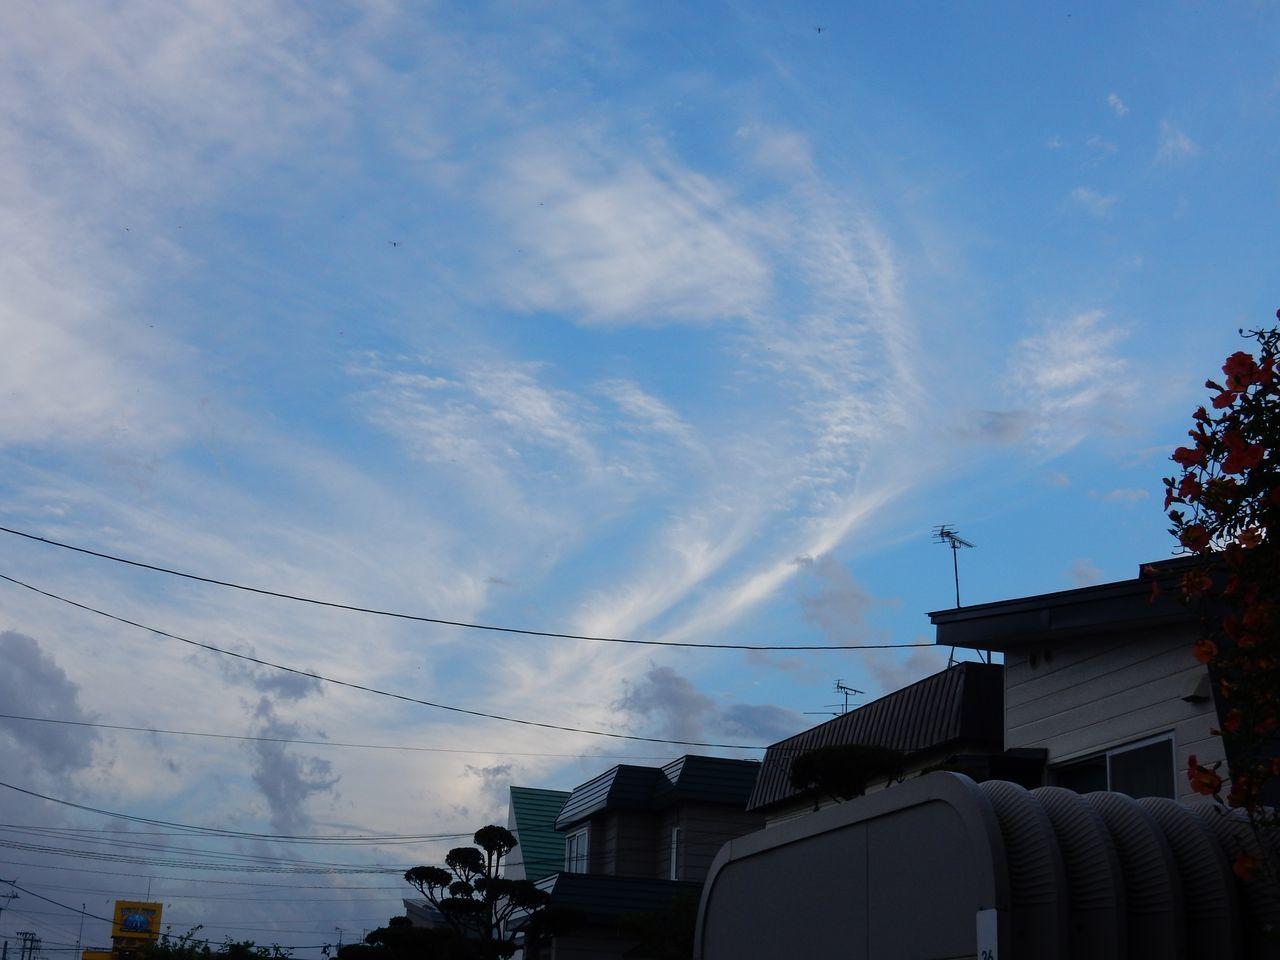 雷雨去り蒸し暑い一日_c0025115_21271598.jpg